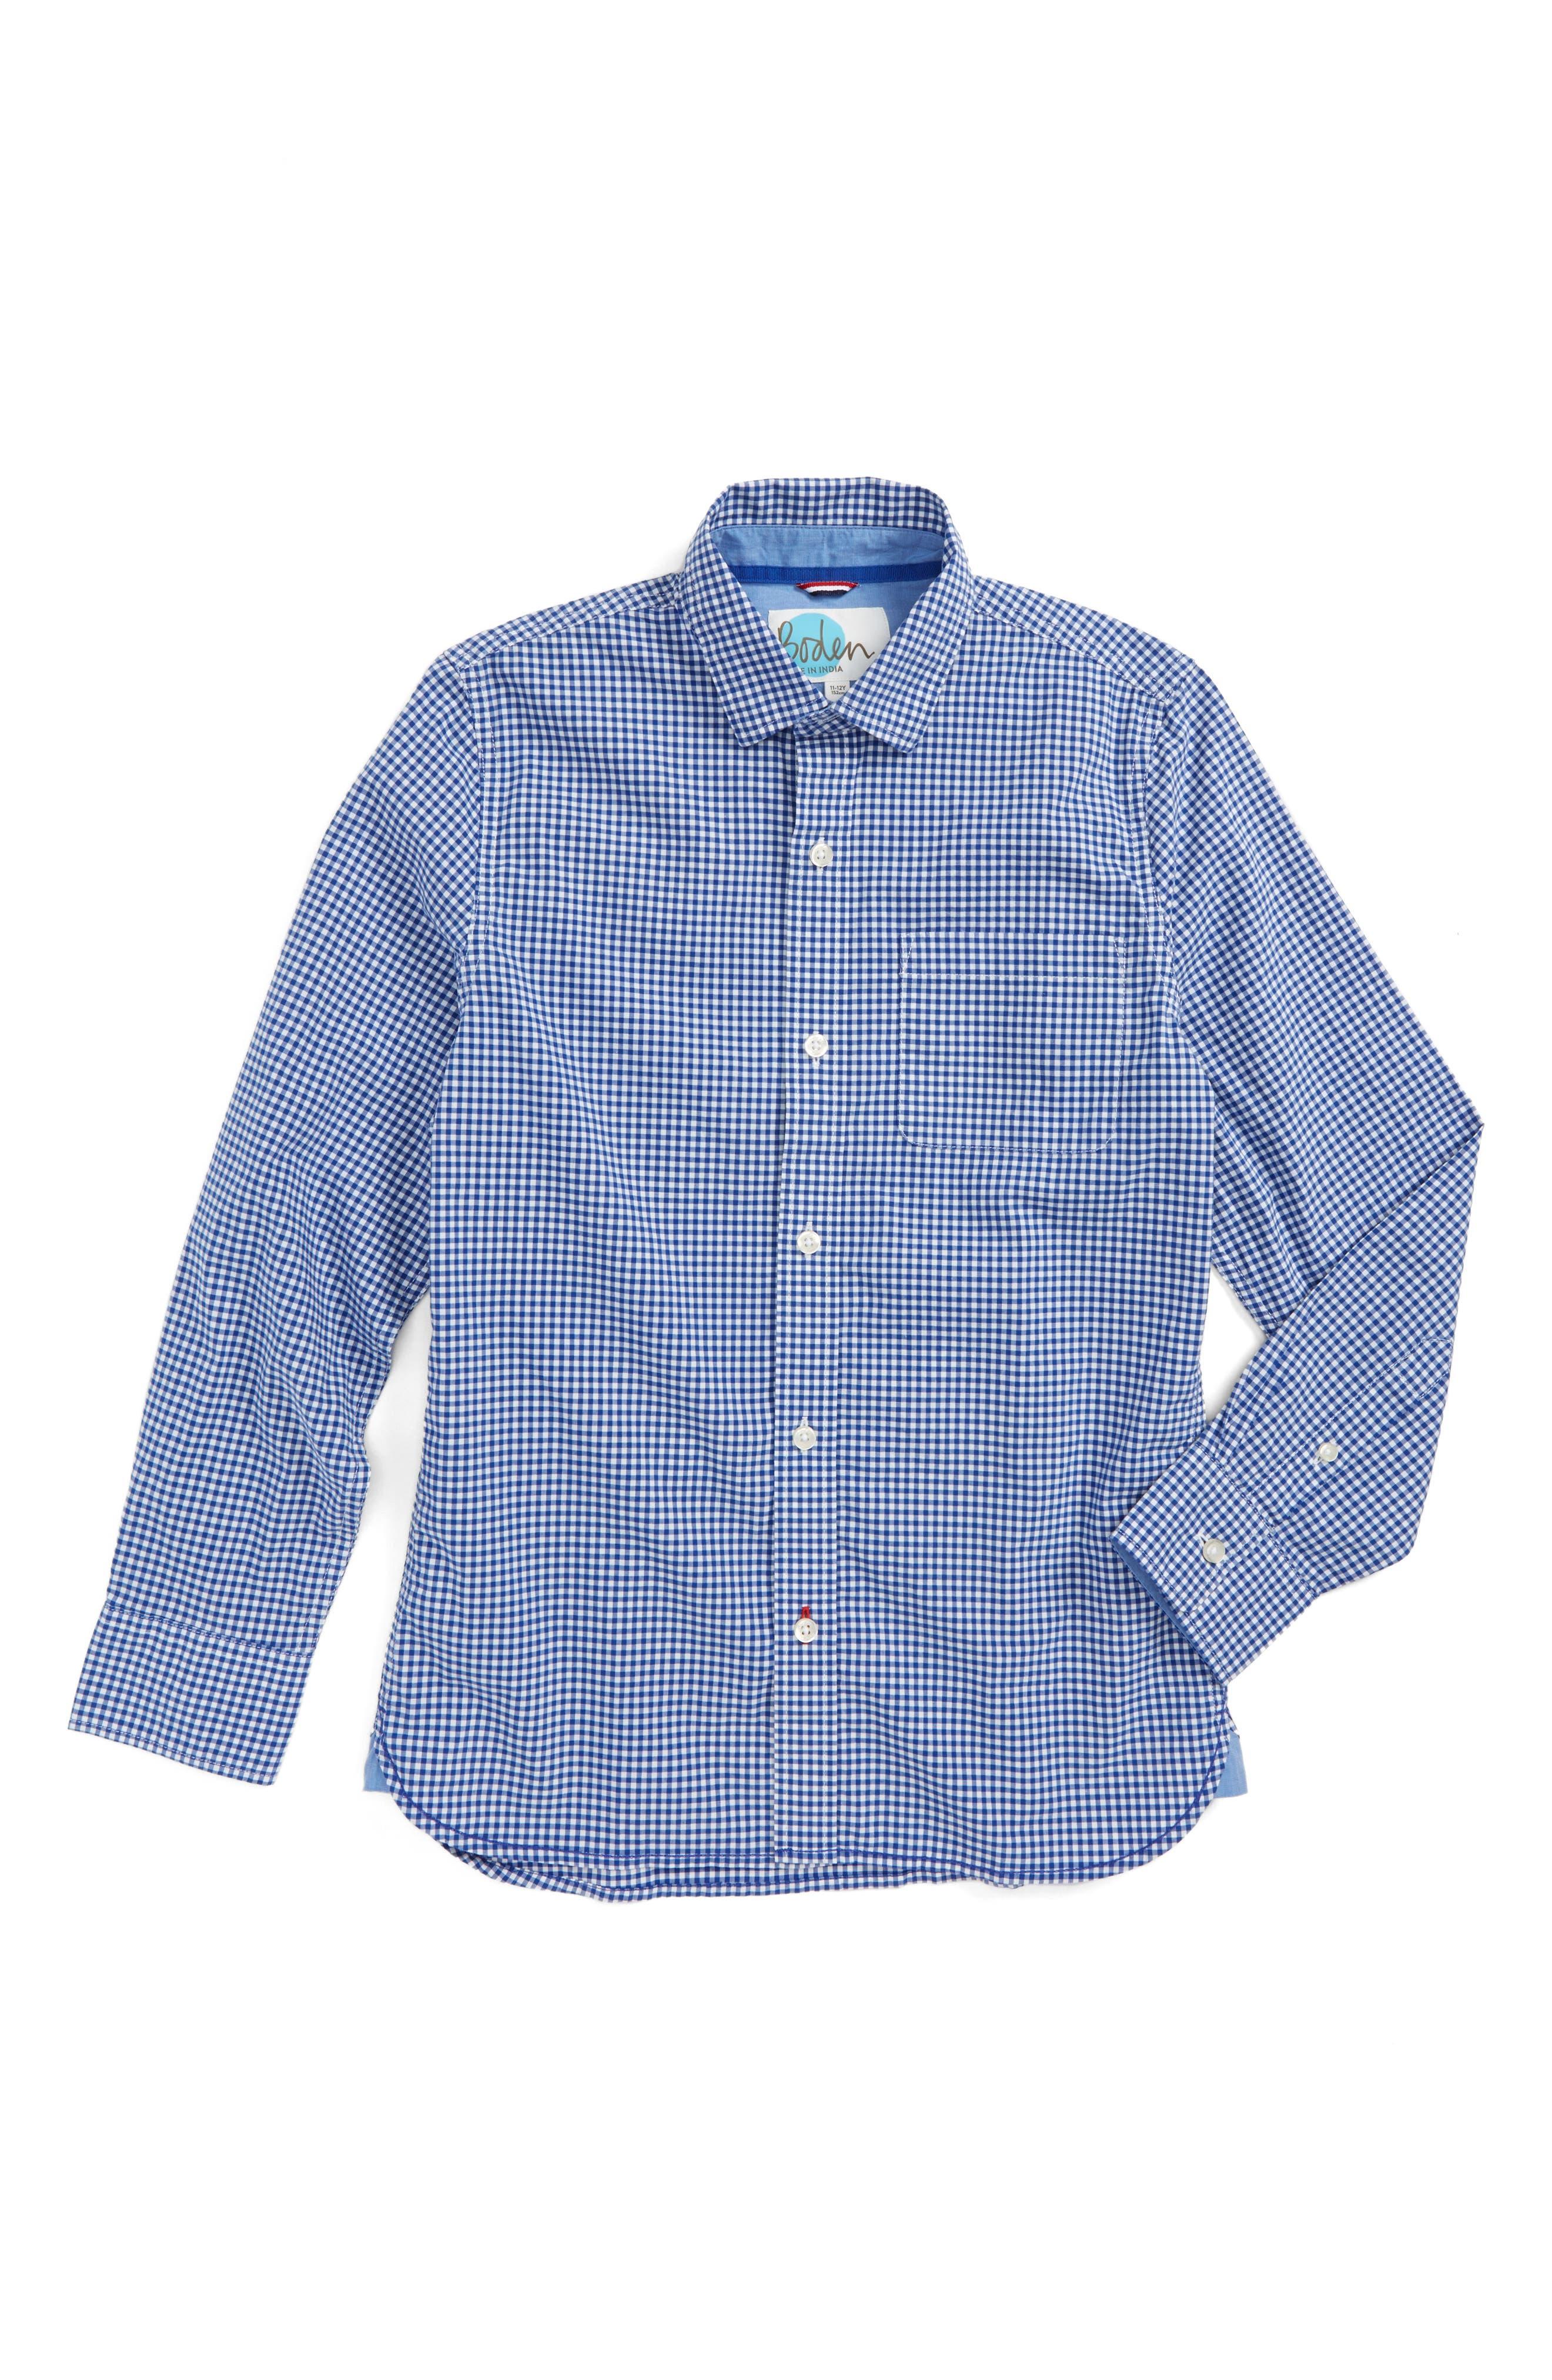 Mini Boden Laundered Shirt (Toddler Boys, Little Boys & Big Boys)